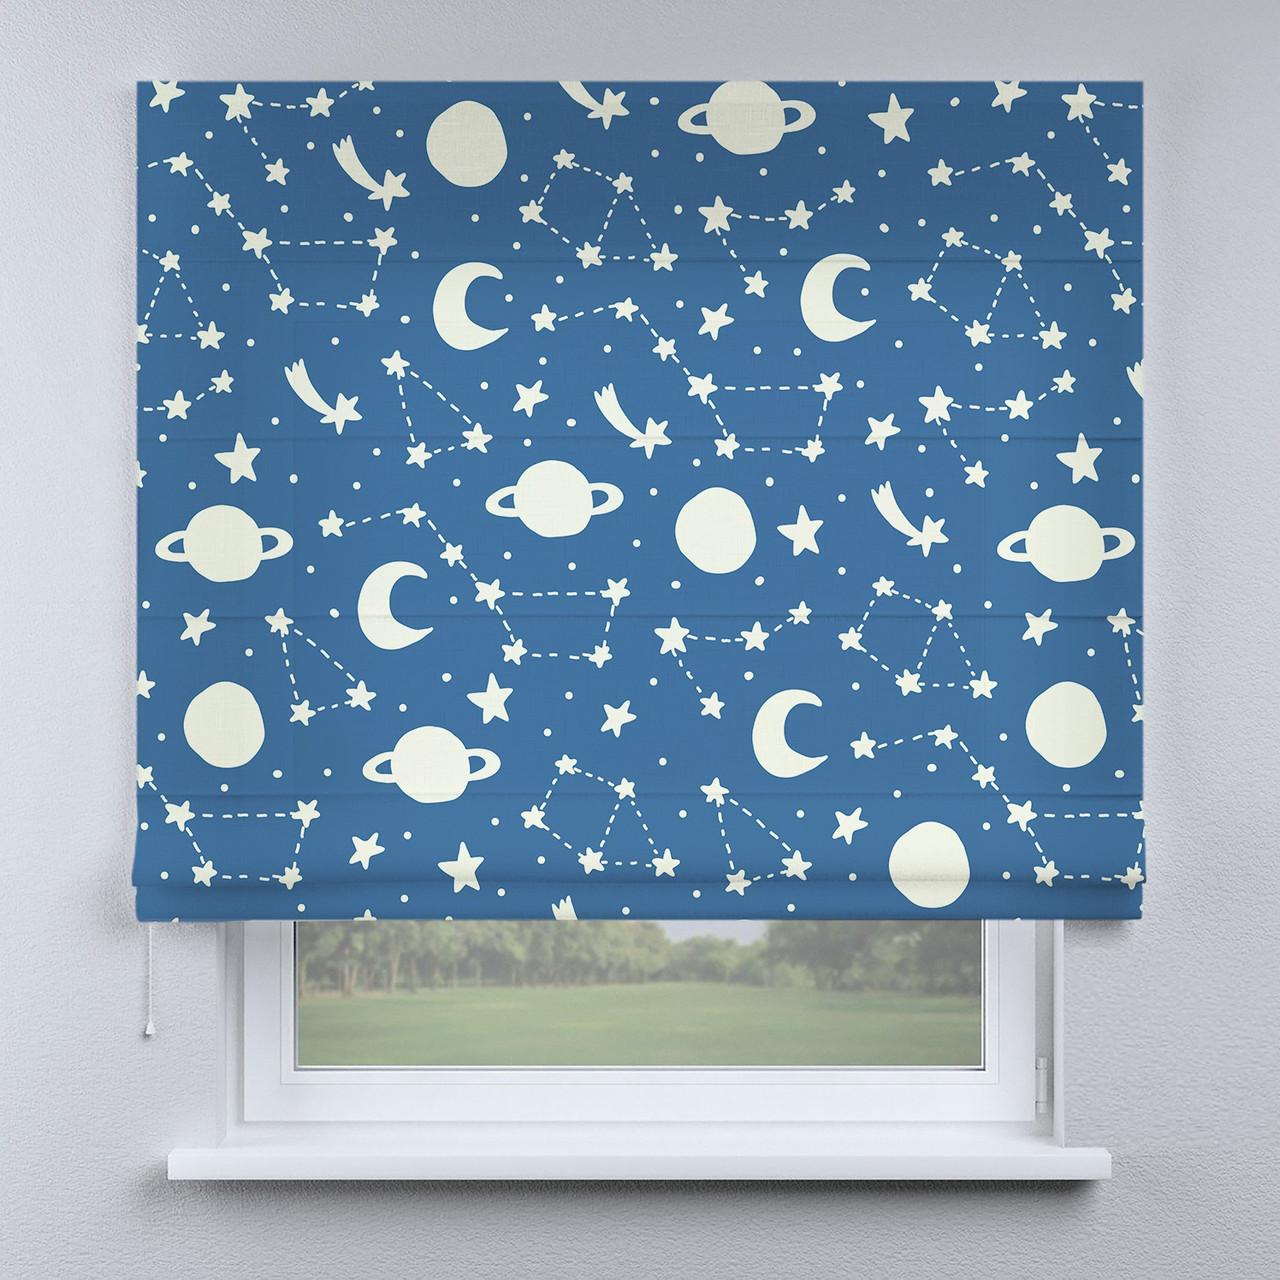 Римская фото штора Космос